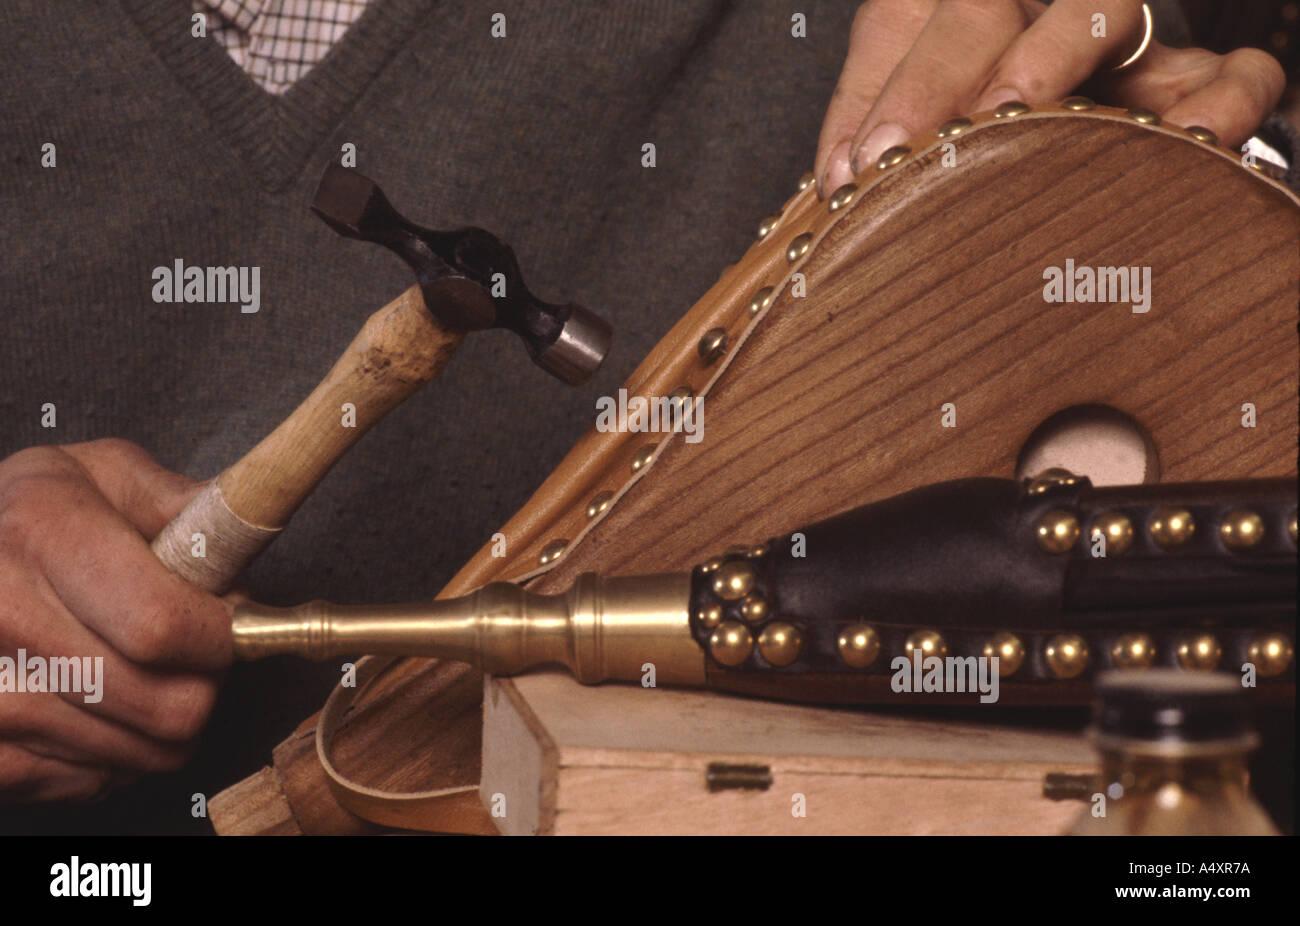 La main soufflet cheminée traditionnelle Photo Stock